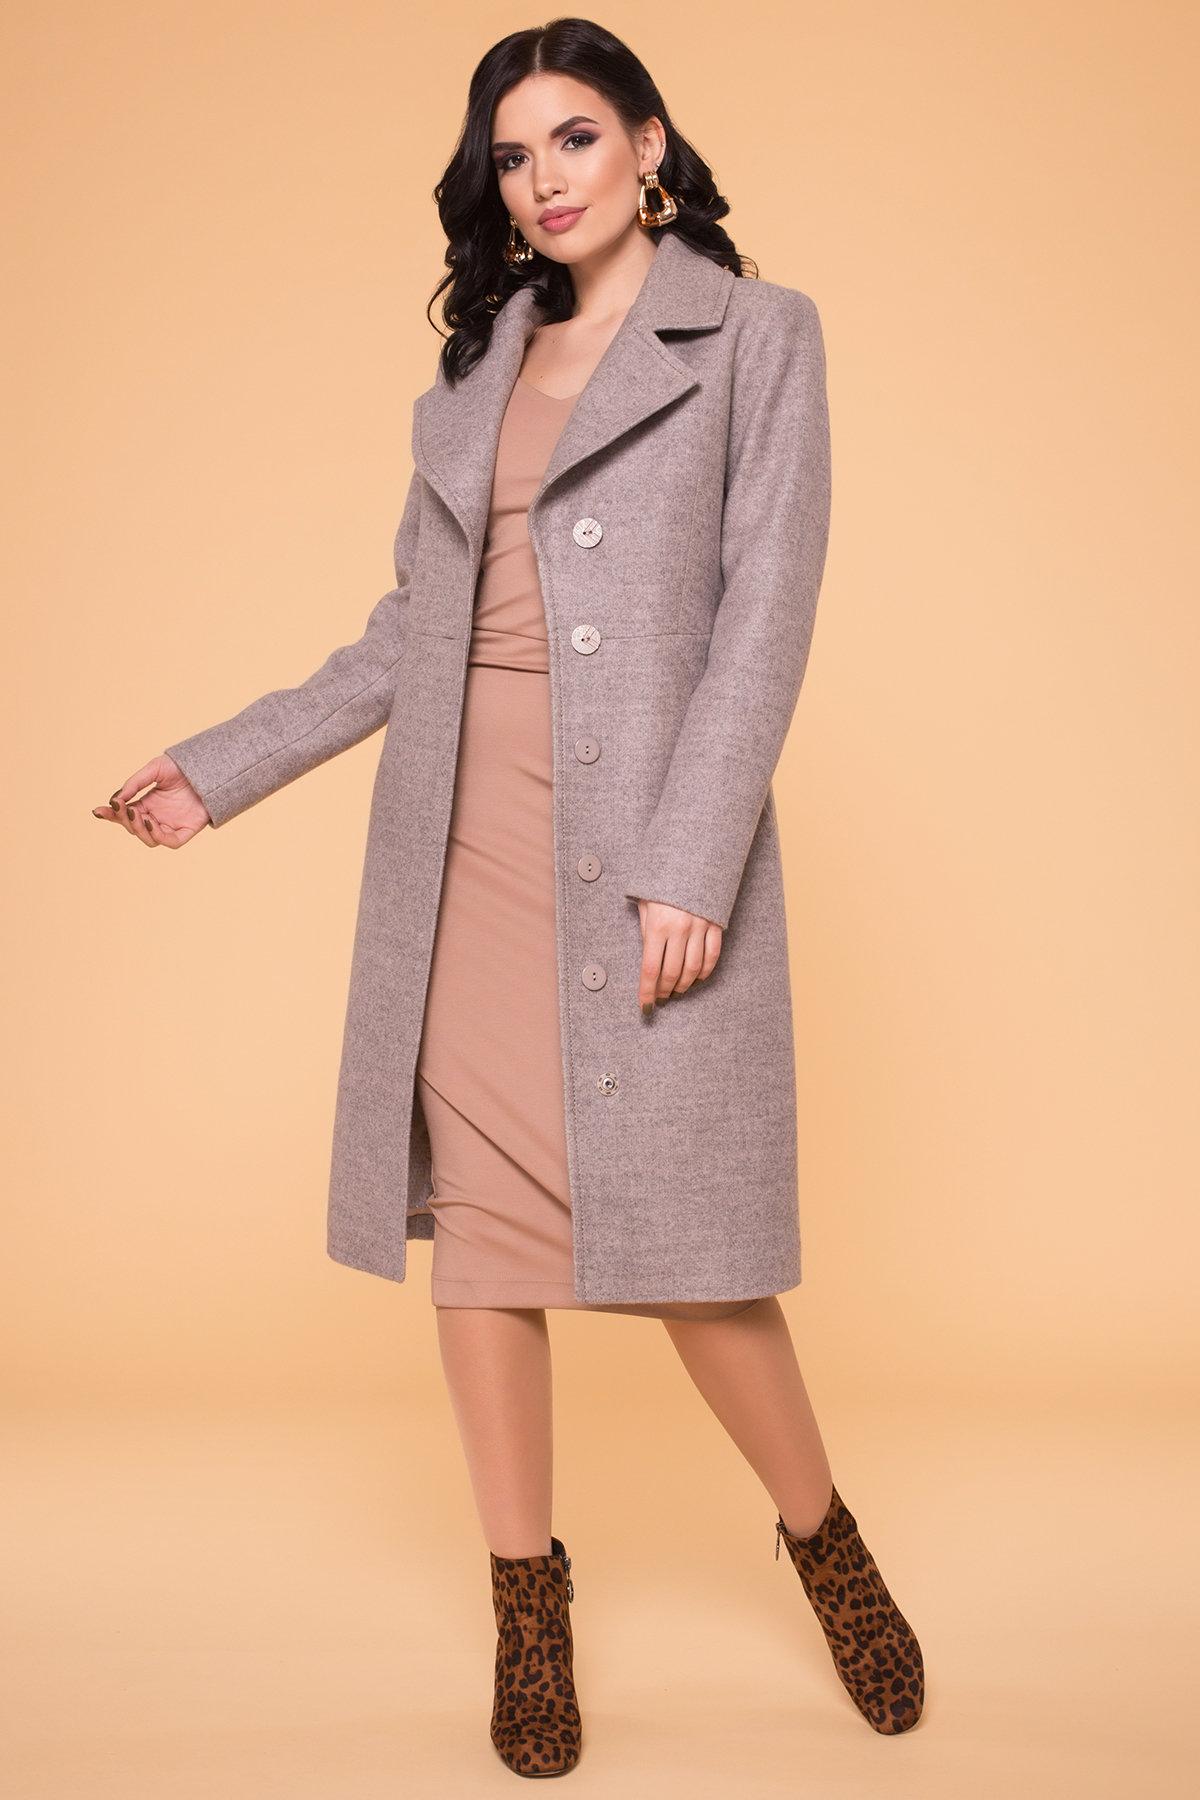 Пальто Камила 6173 АРТ. 40986 Цвет: Бежевый 31 - фото 4, интернет магазин tm-modus.ru